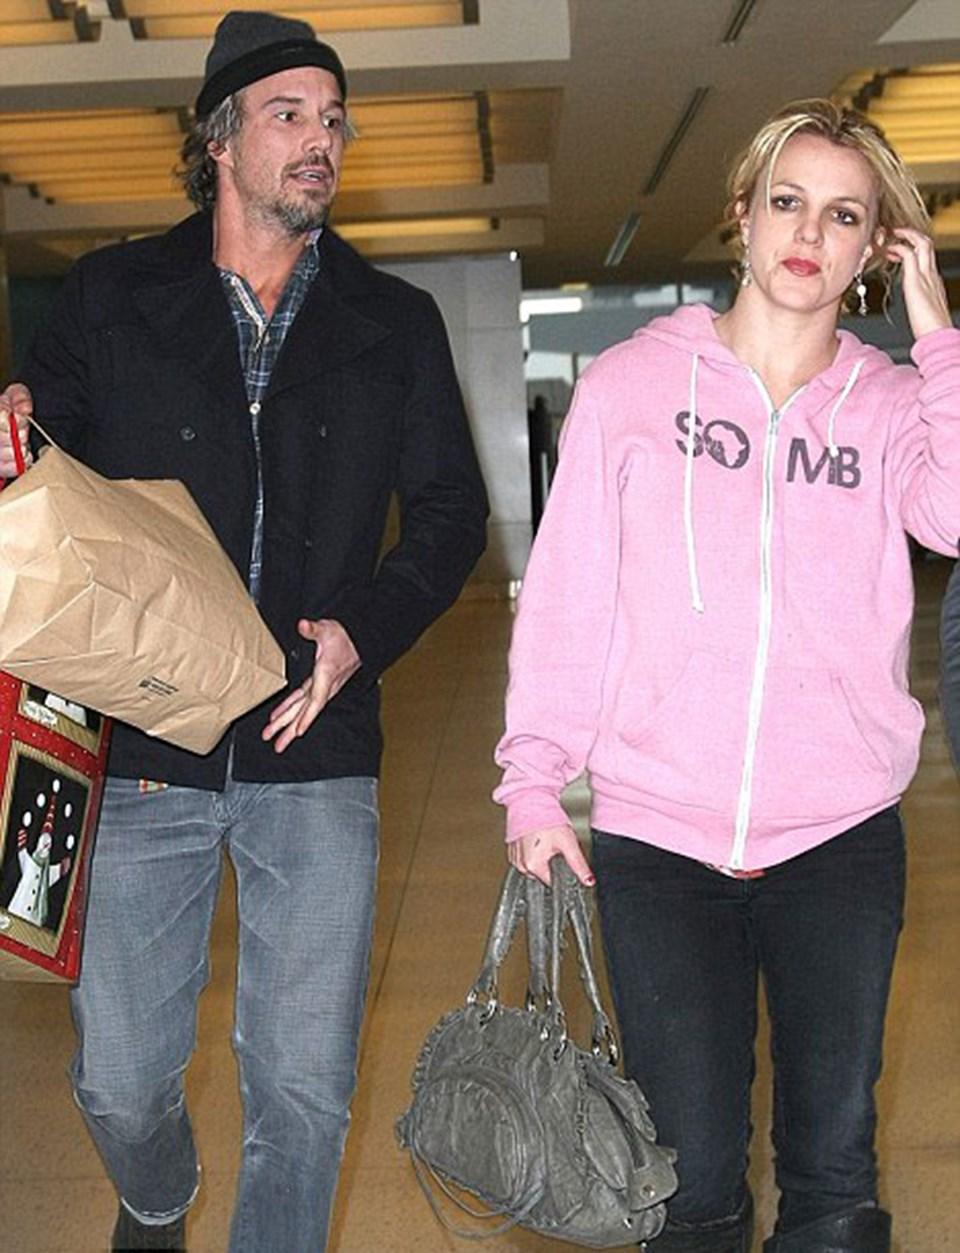 Britney Spears ile Jason Trawick 23 Aralık'ta New York'taki JFK havalimanında yürüyorlar